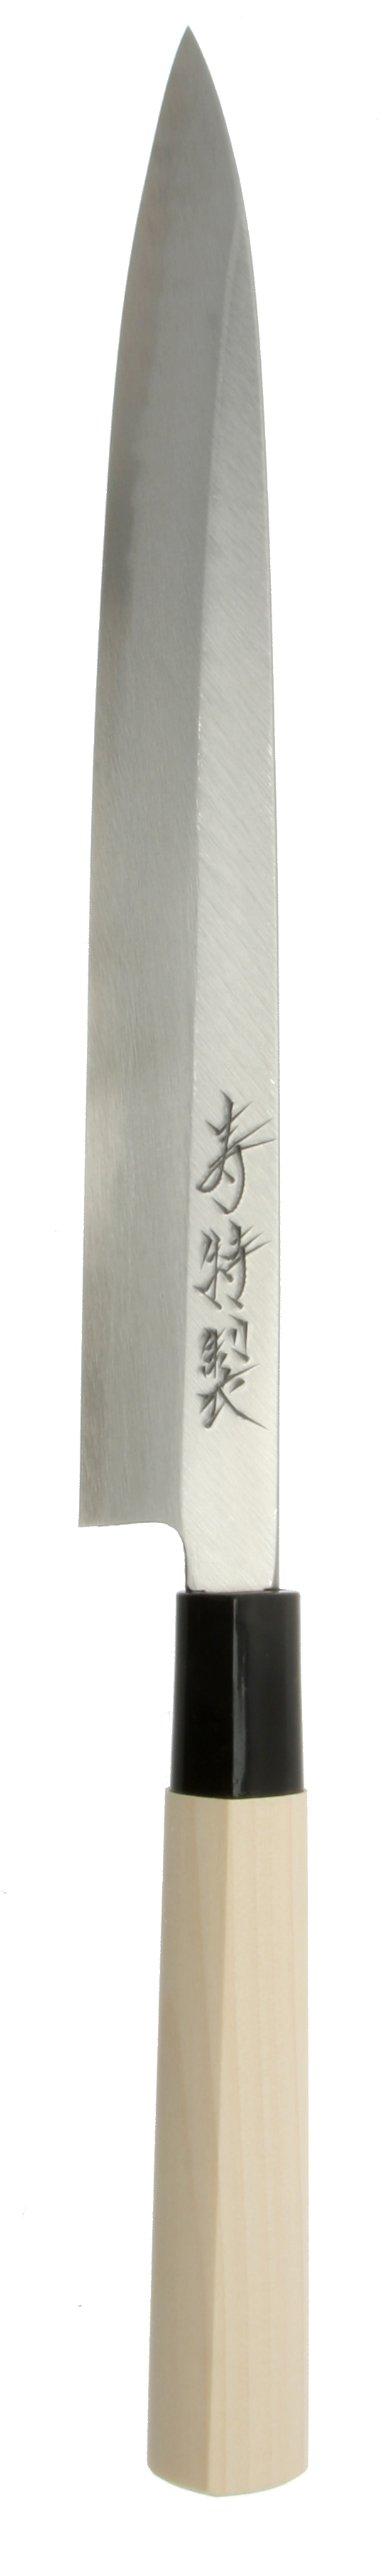 Kotobuki High-Carbon SK-5 Left-Handed Japanese Yanagi Sashimi Knife, 240mm